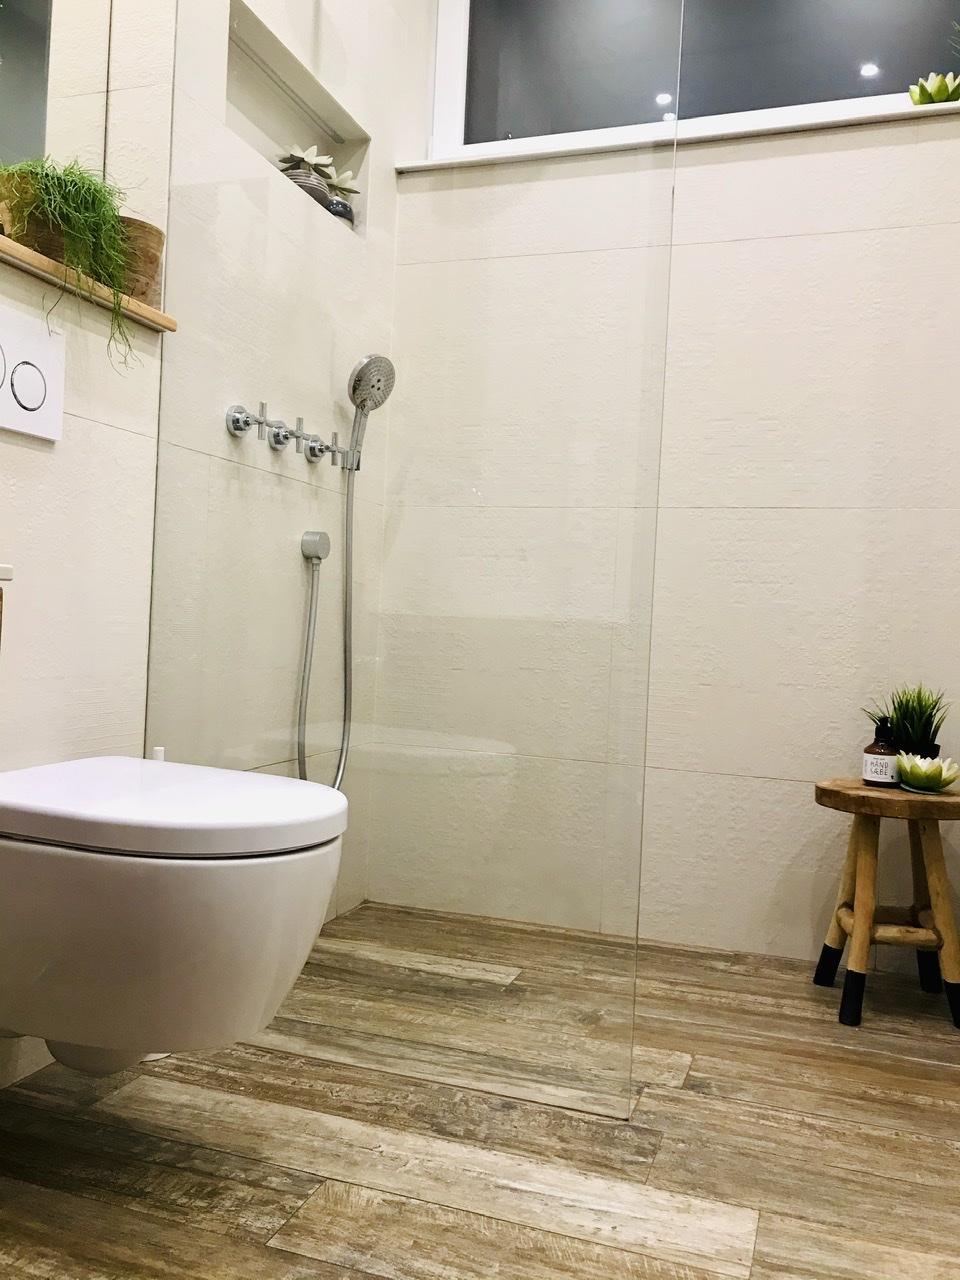 Naše L-ko - 2021 - stále dokončujeme - Malá kúpelňa - sprchový kút walk in s wc - v krémových odieňoch